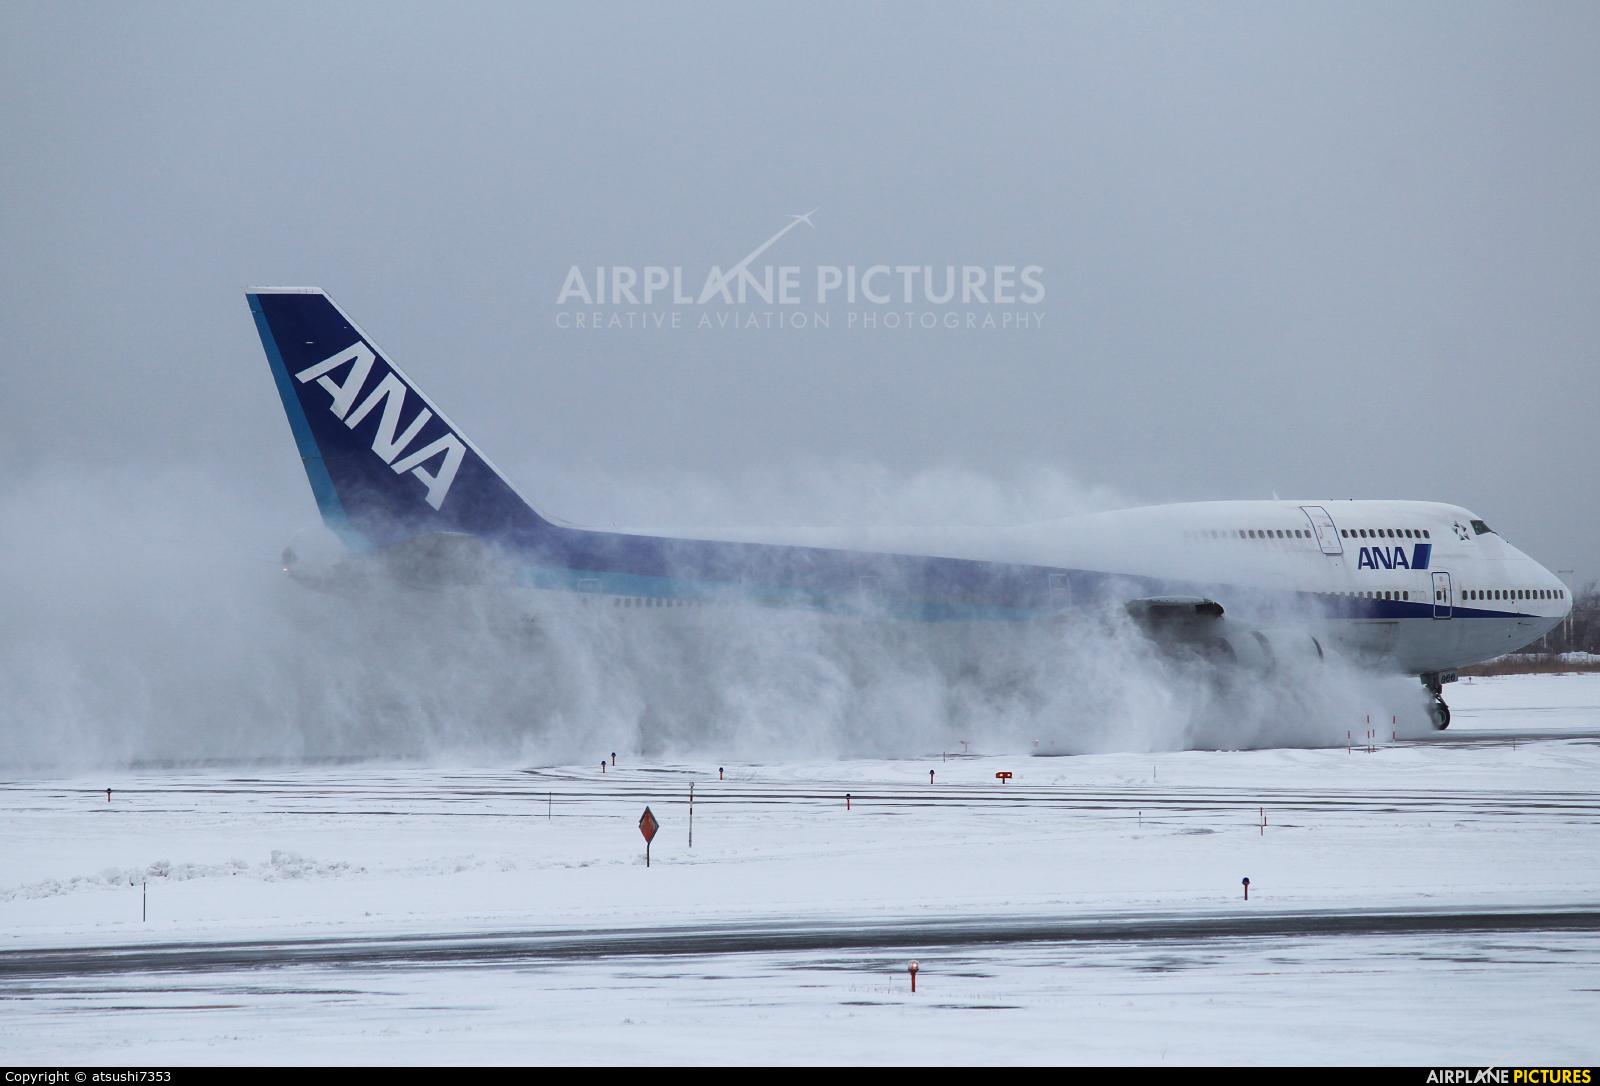 ANA - All Nippon Airways JA8966 aircraft at New Chitose